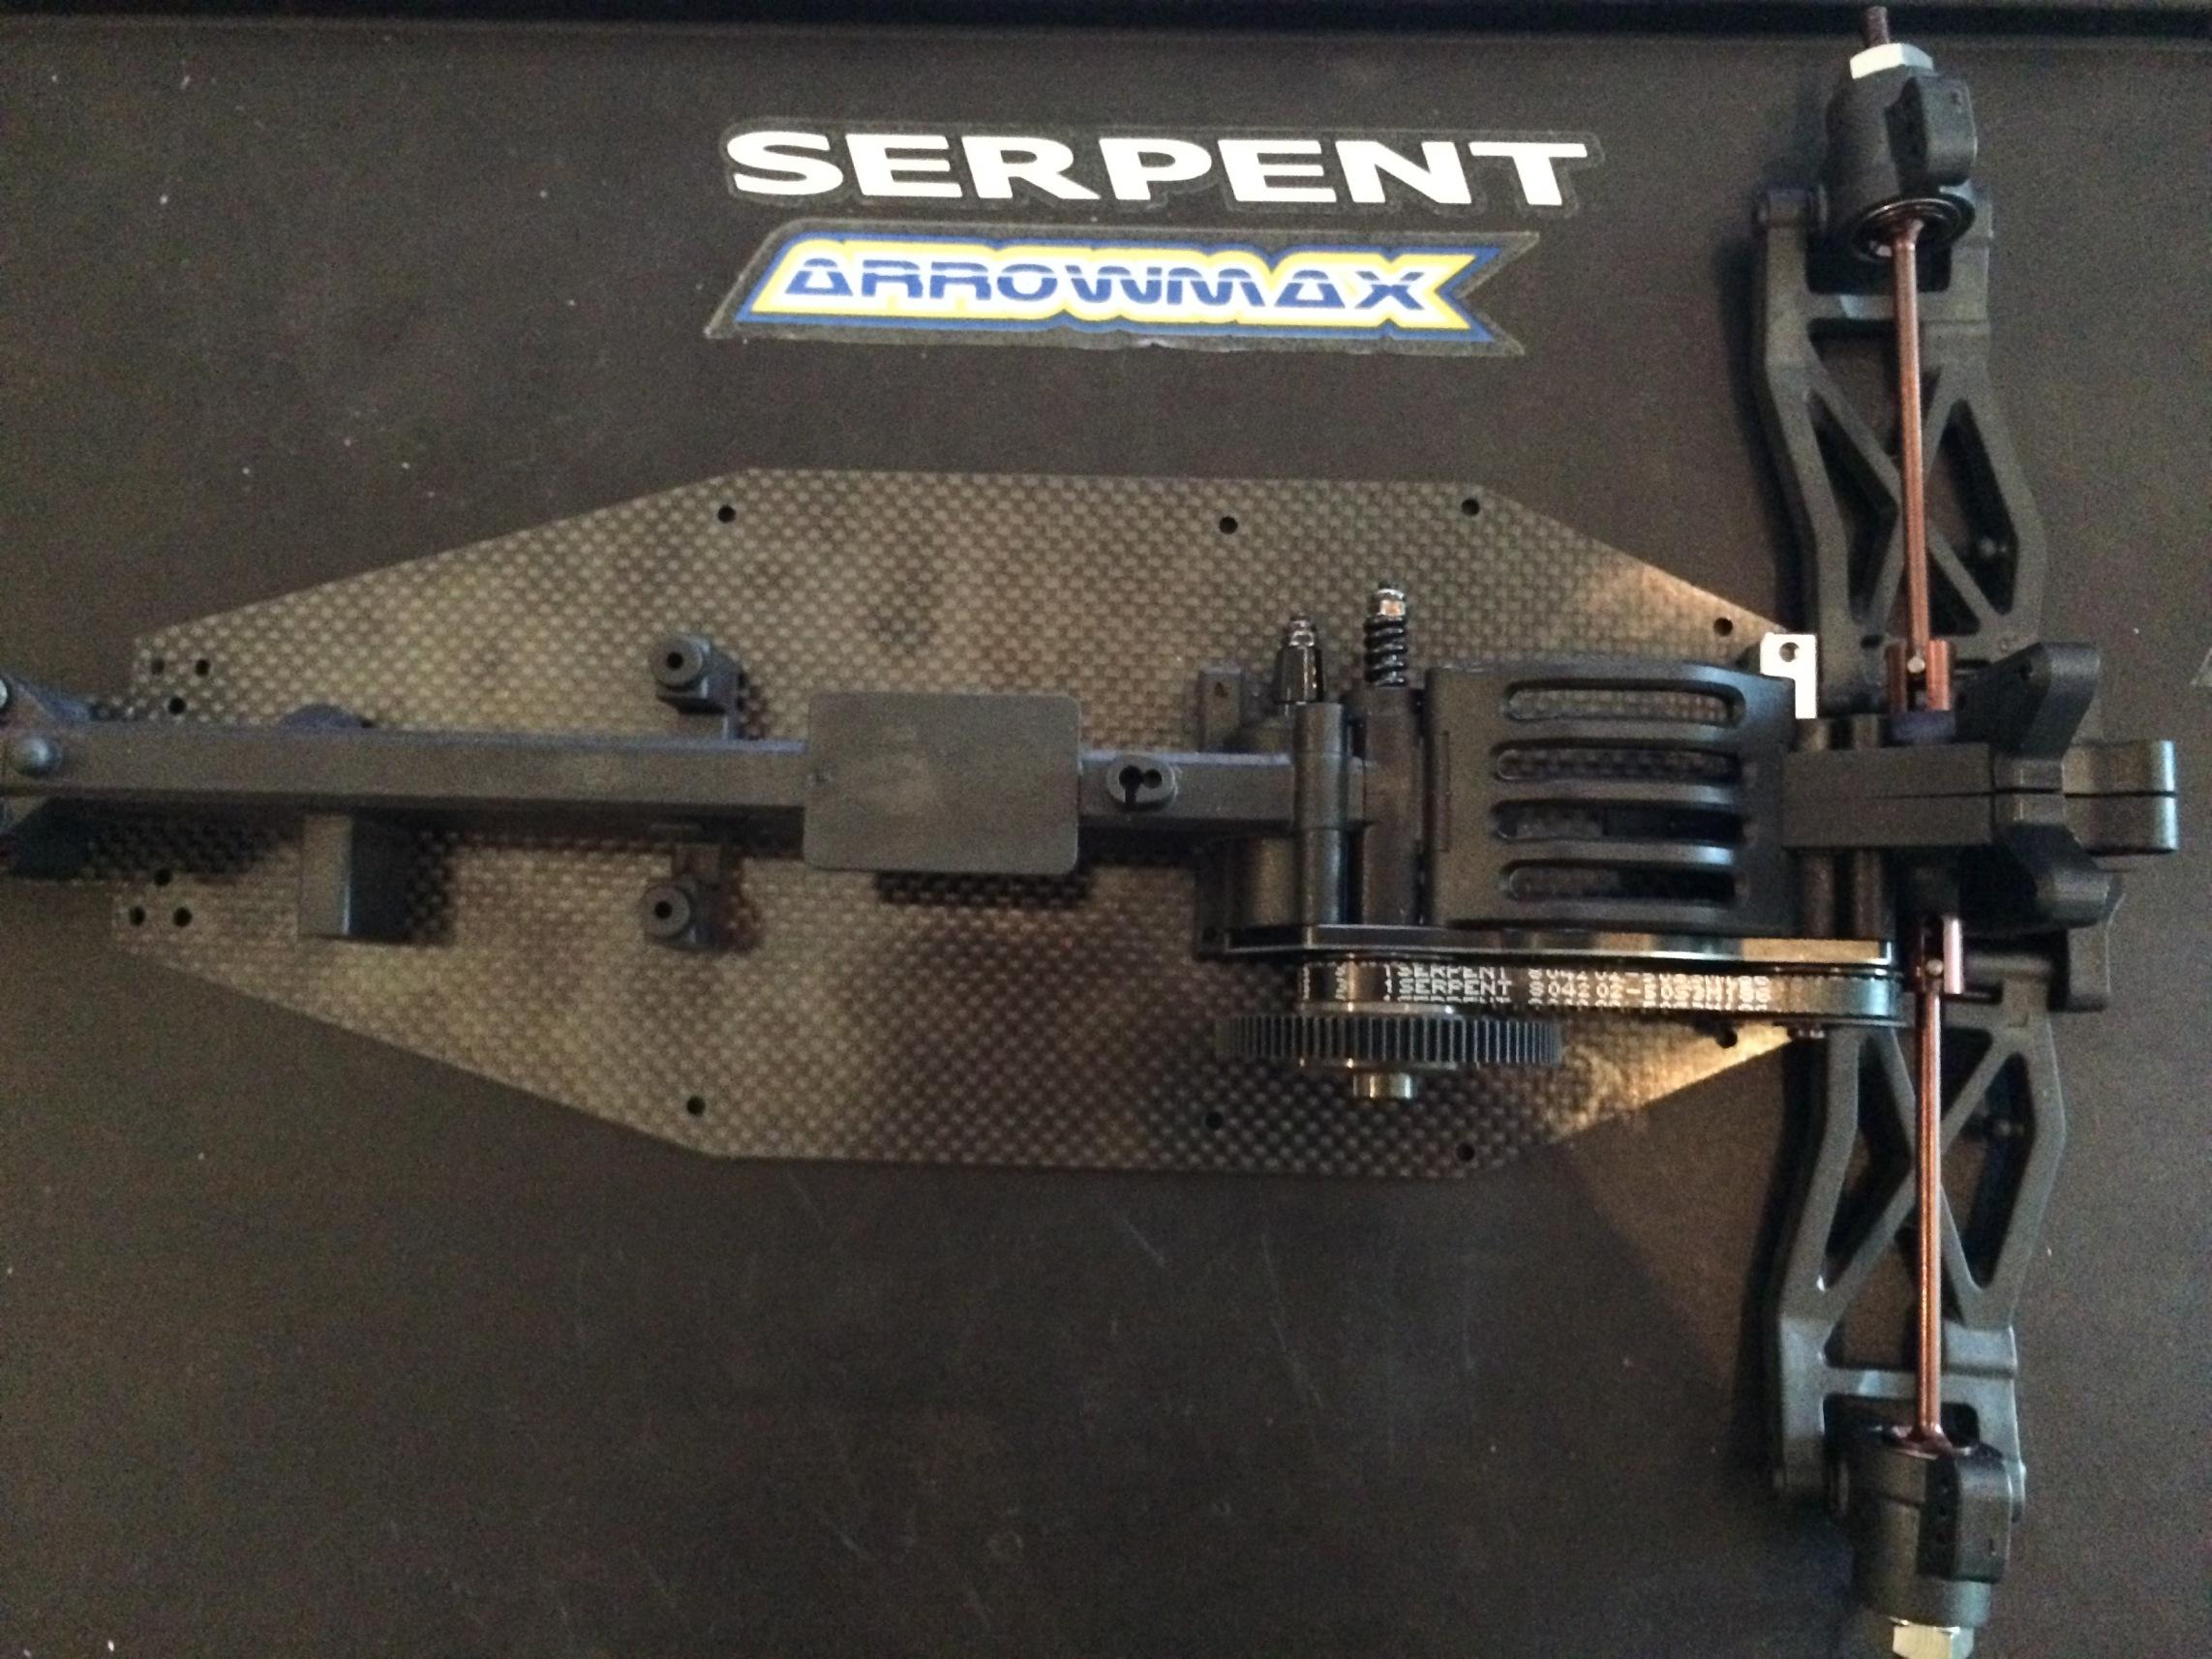 Serpent SRX-4 Build 082